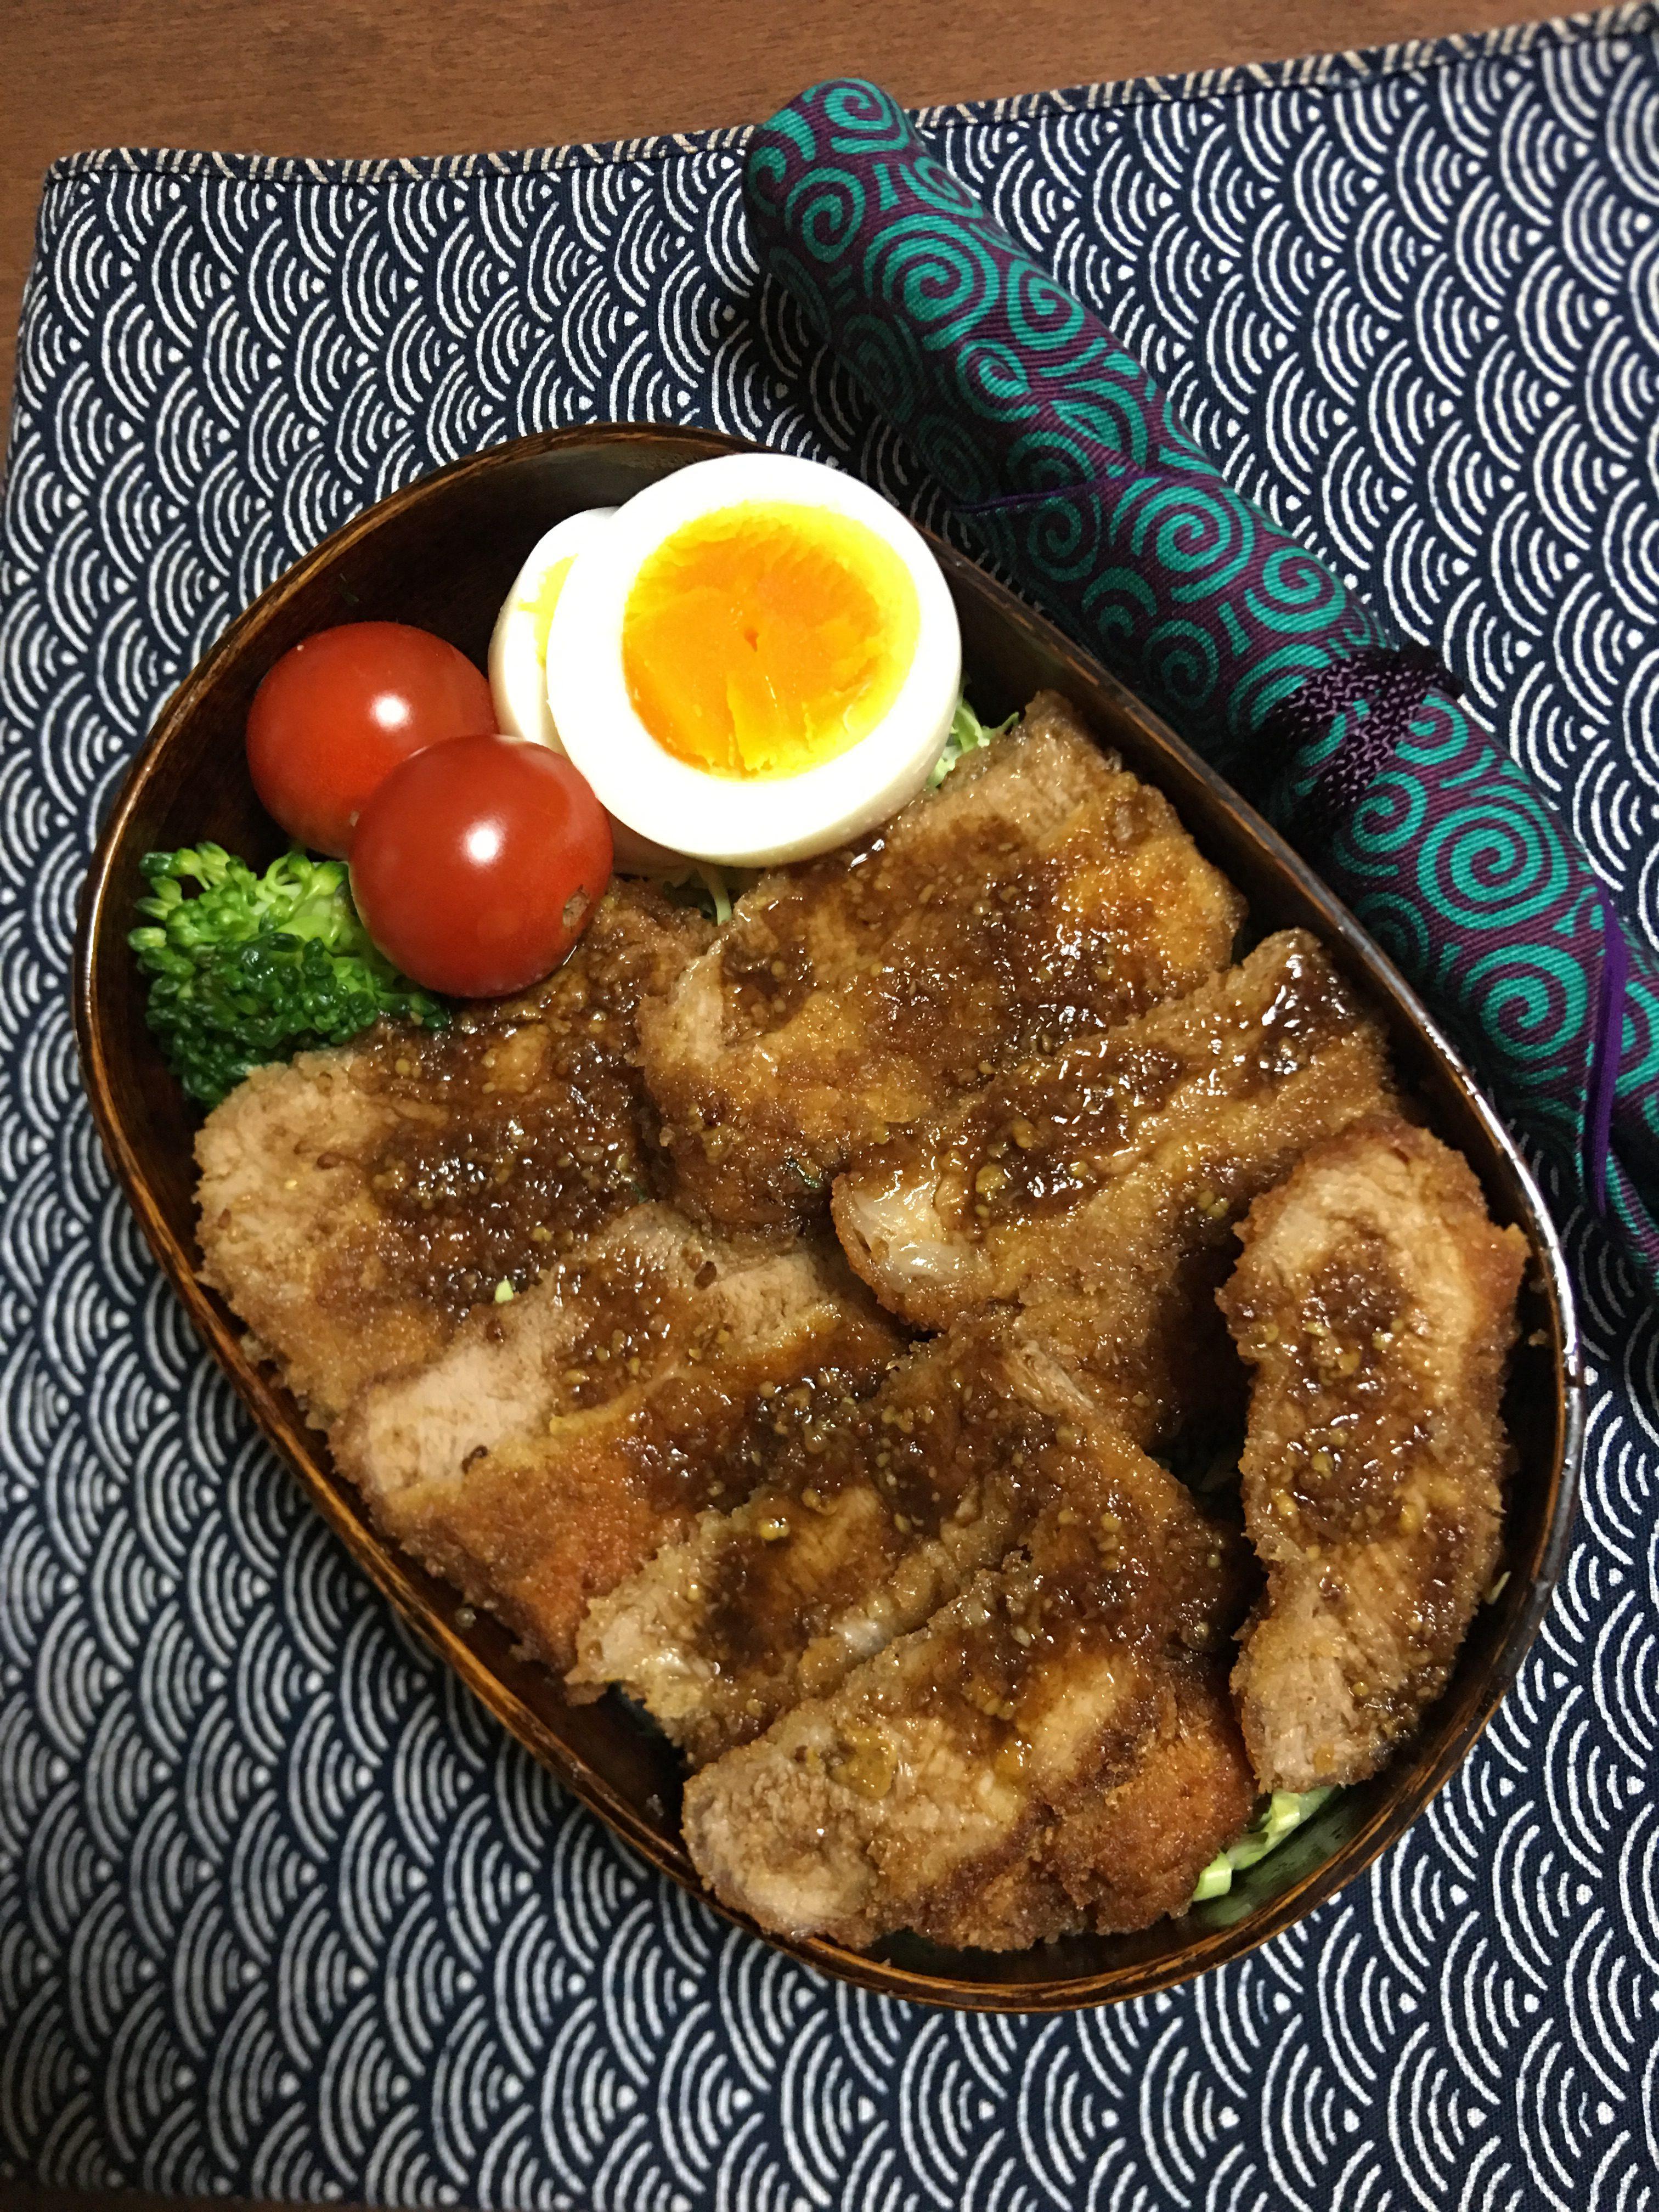 ソースかつ丼/ケニードーハム